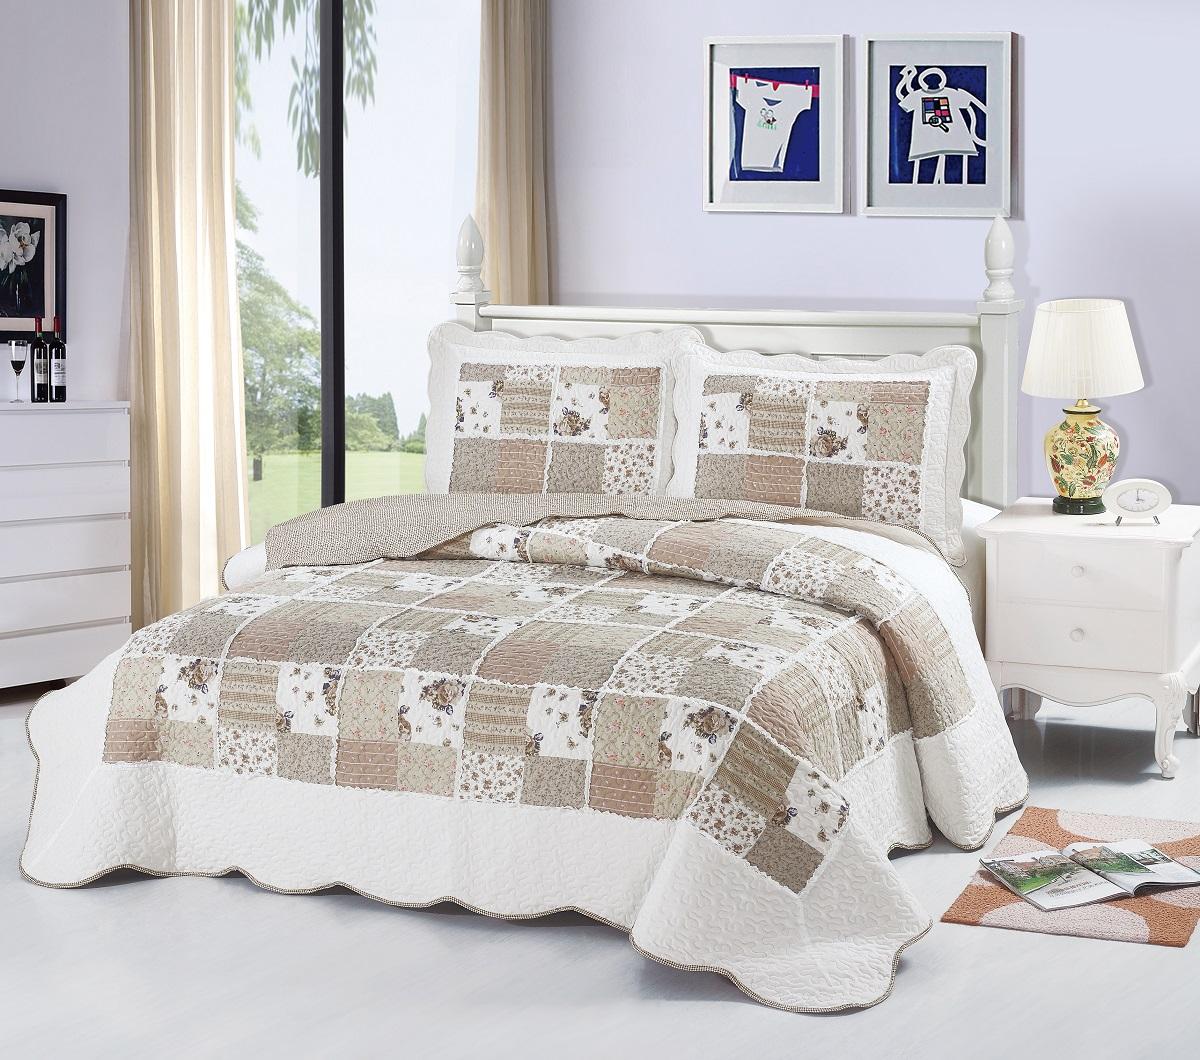 Комплект для спальни Karna Modalin. Пэчворк: покрывало 230 х 250 см, 2 наволочки 50 х 70 см, цвет: белый, бежевый1004900000360Изысканный комплект Karna Modalin. Пэчворк прекрасно оформит интерьерспальни или гостиной. Комплект состоит из двухстороннего покрывала и двух наволочек.Изделия изготовлены из микрофибры.Постельные комплекты Karna уникальны, так как онипрактичны и универсальны в использовании.Материал хорошо сохраняет окраску и форму.Изделиядолговечны, надежны и легко стираются.Комплект Karna не только подарит тепло,но и гармонично впишется в интерьер вашего дома.Размер покрывала: 230 х 250 см. Размер наволочки: 50 х 70 см.